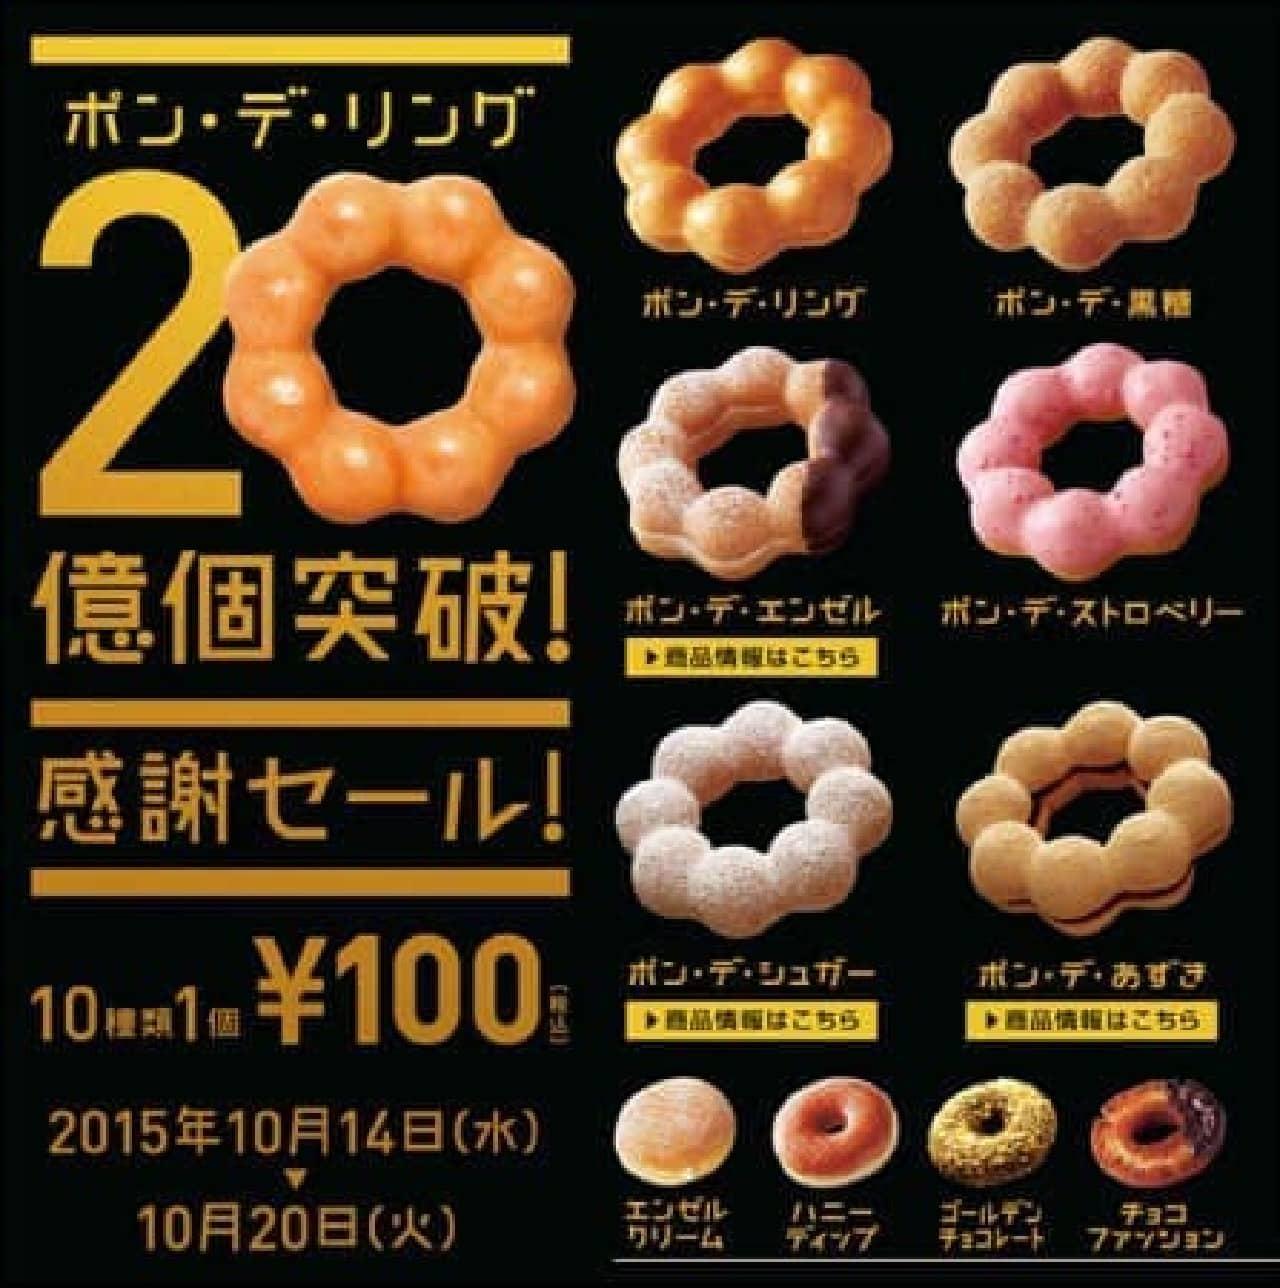 ポンデリング20億個突破で感謝セール!  (画像出典:ミスタードーナツ公式サイト)